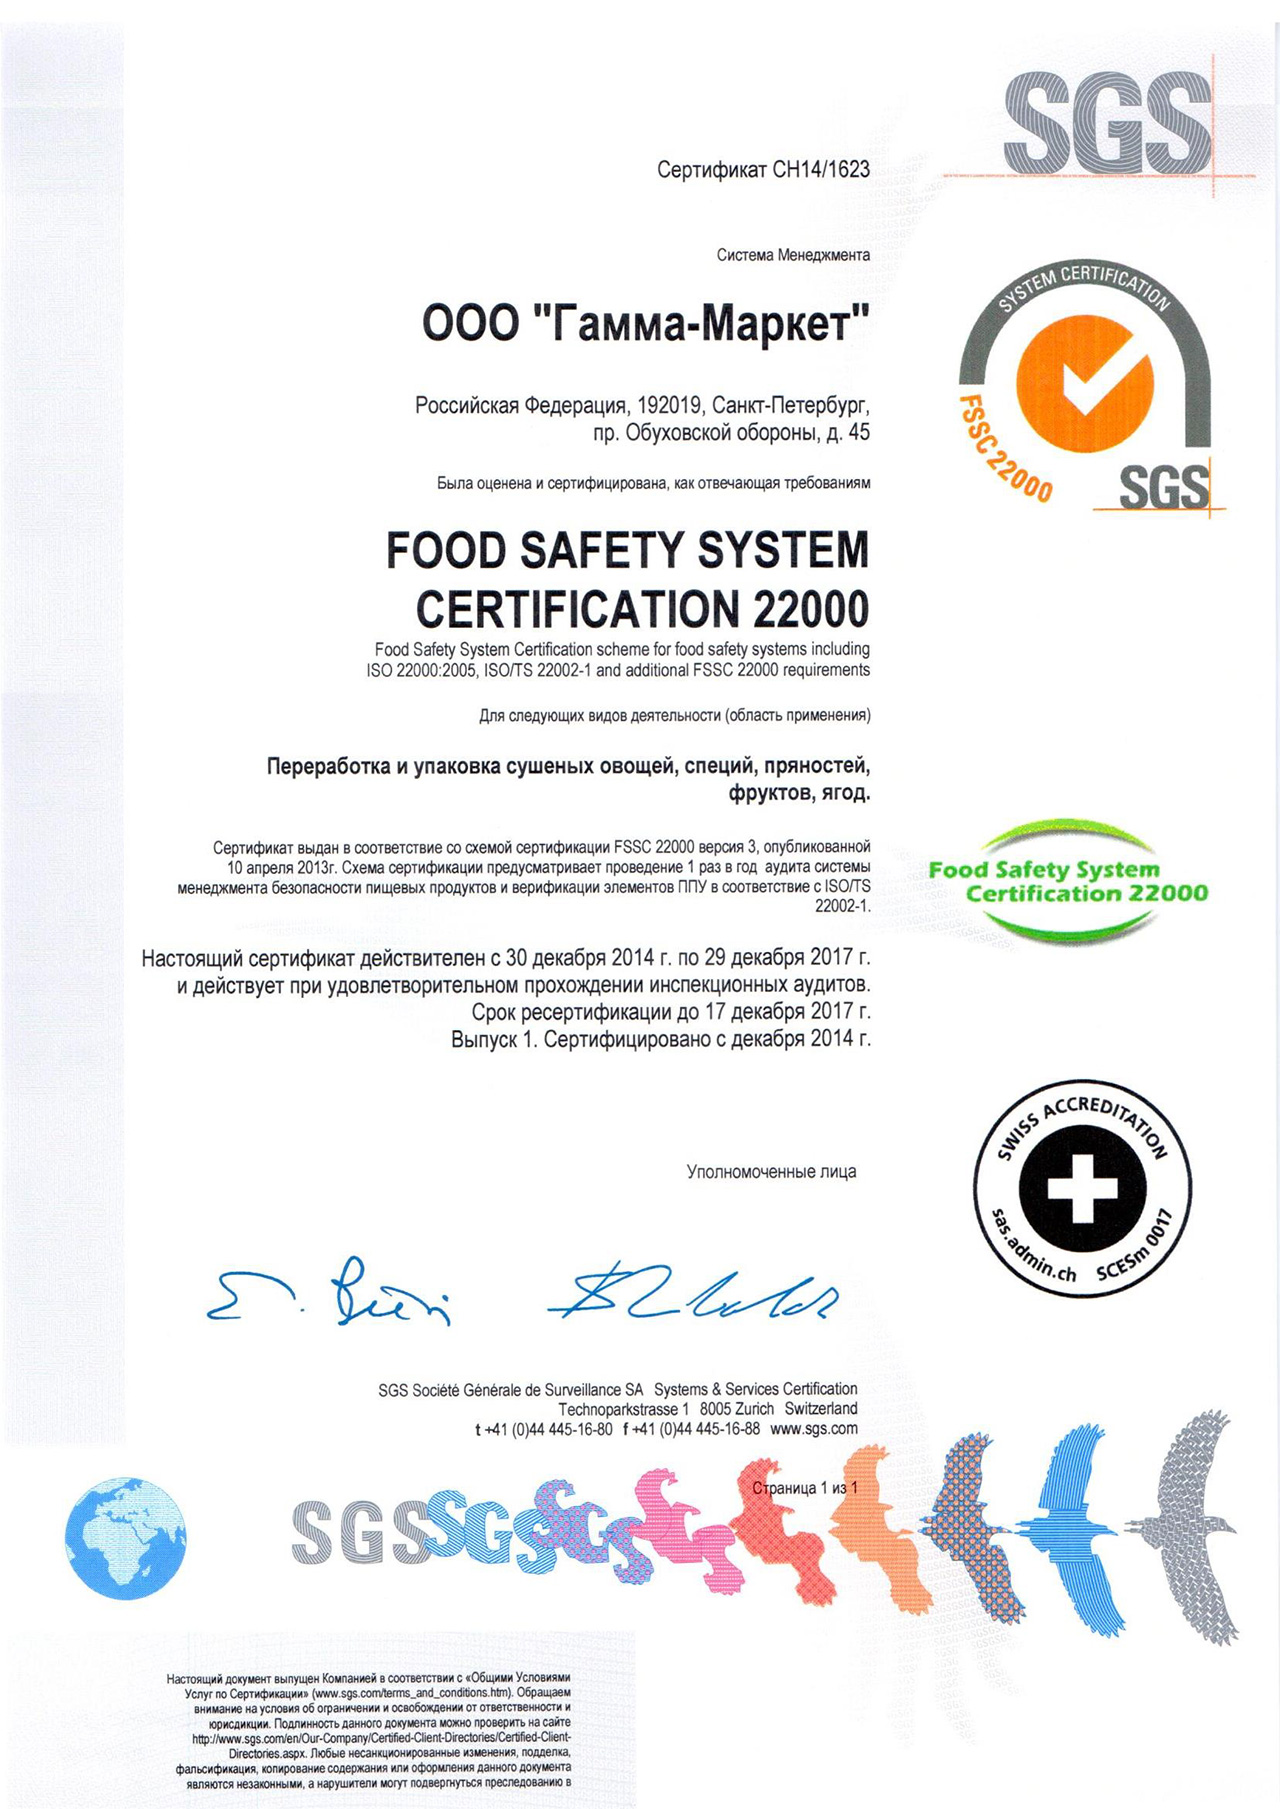 Пройдена сертификация по схеме FSSC 22000 - Новости